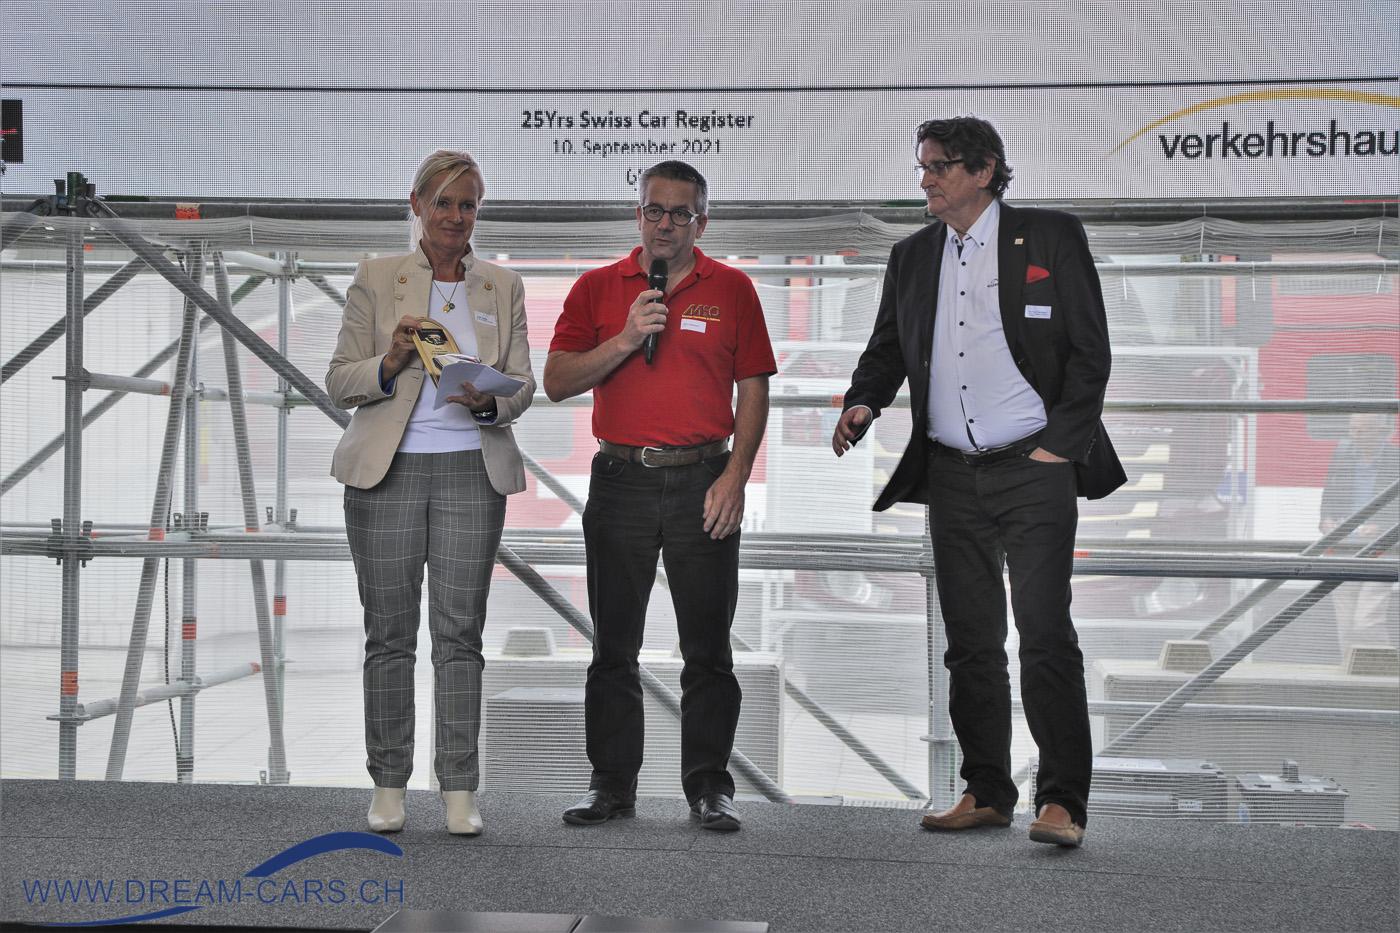 25-Jahr-Feier des Swiss Car Register, 10. September 2021 im Verkehrshaus Luzern. Edith Reddig, Präsidentin SCR, Remo Messmer und rechts Urs P. Ramseier